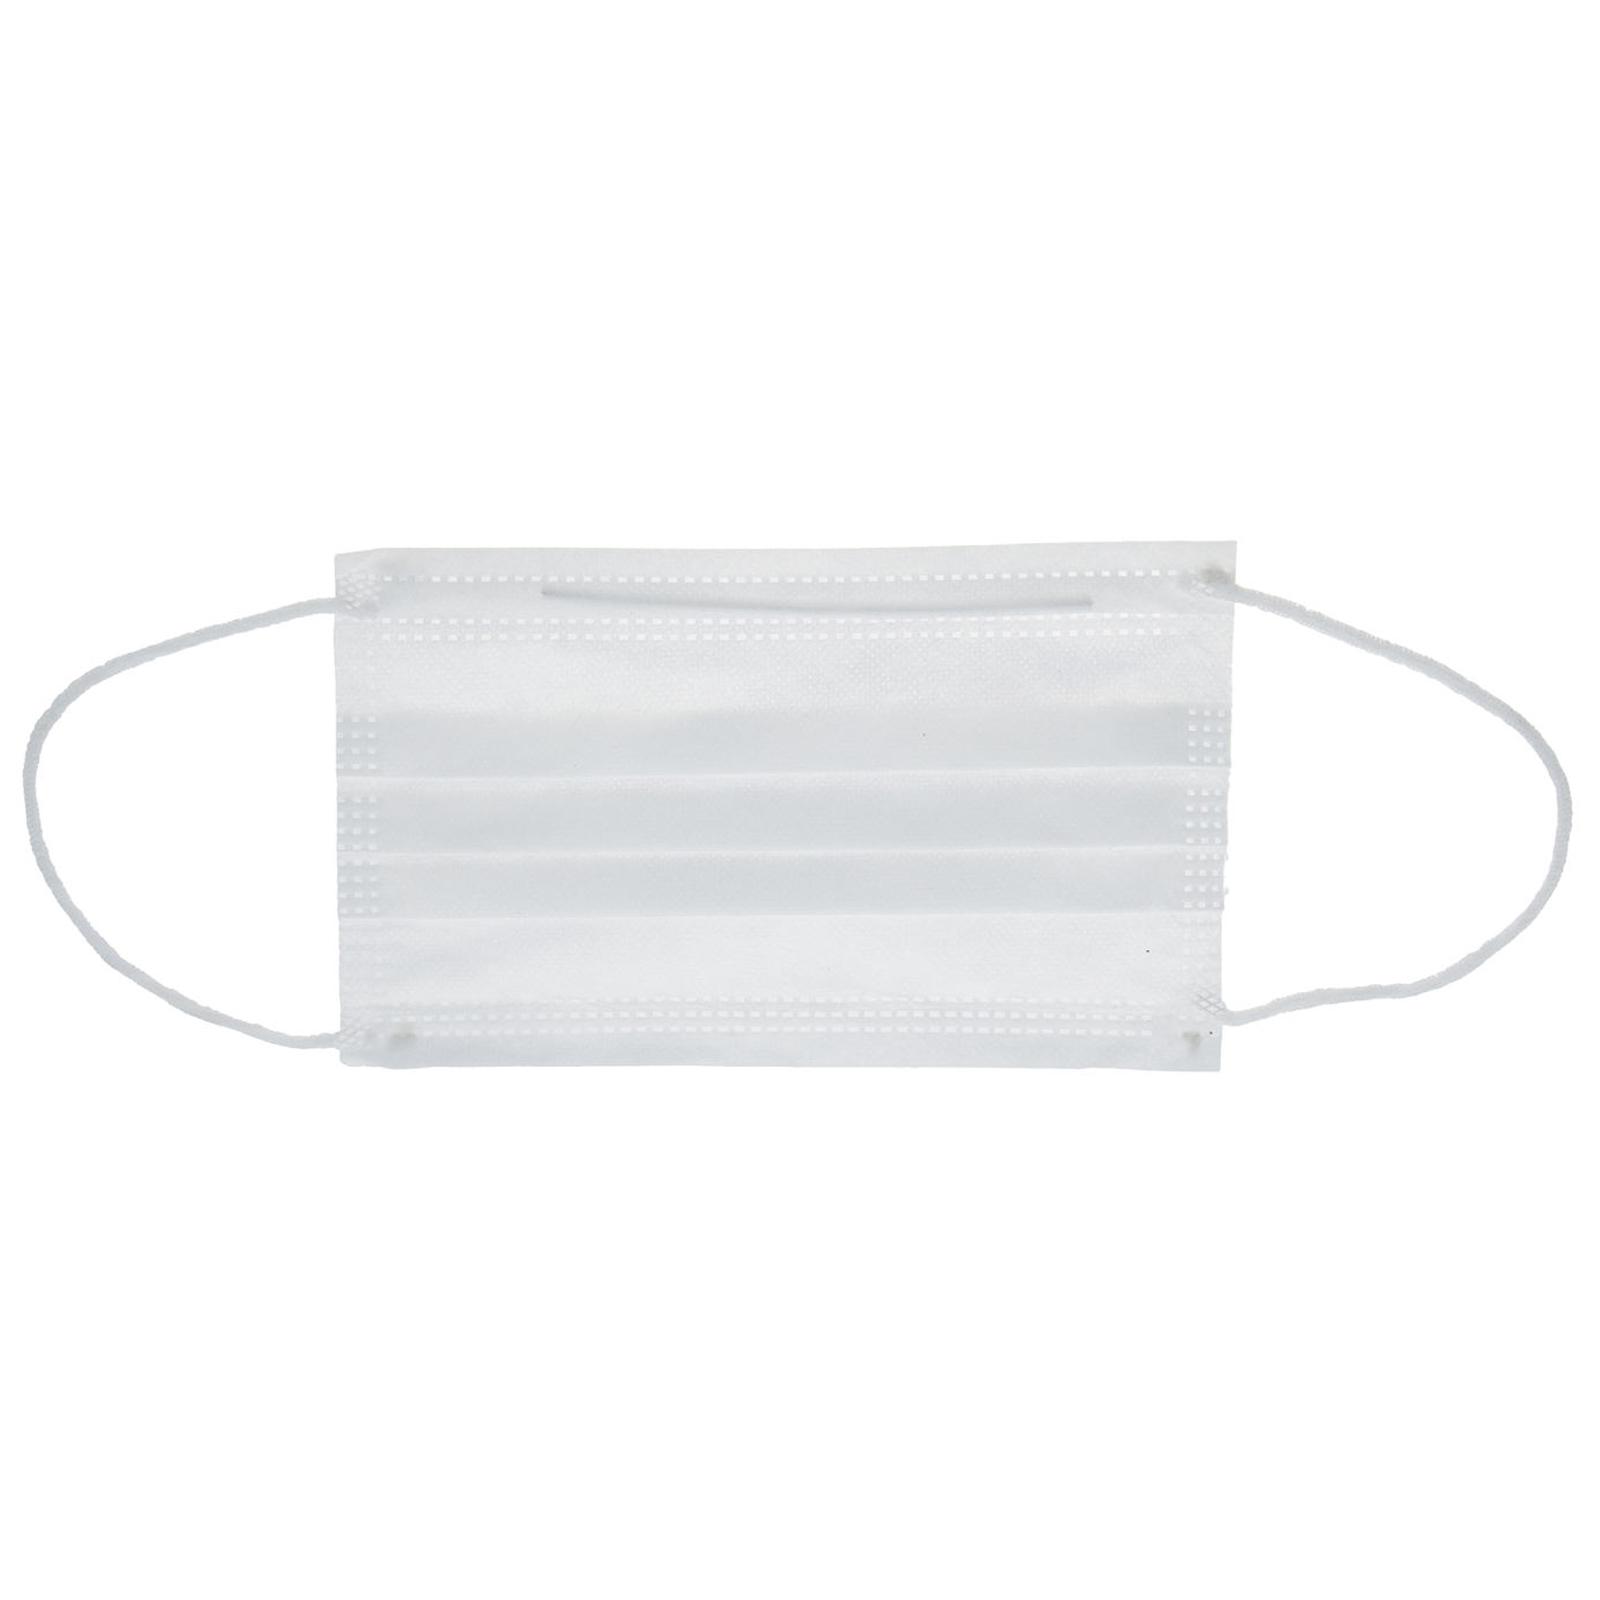 ماسک تنفسی سبلان مدل PWMLT بسته 50 عددی